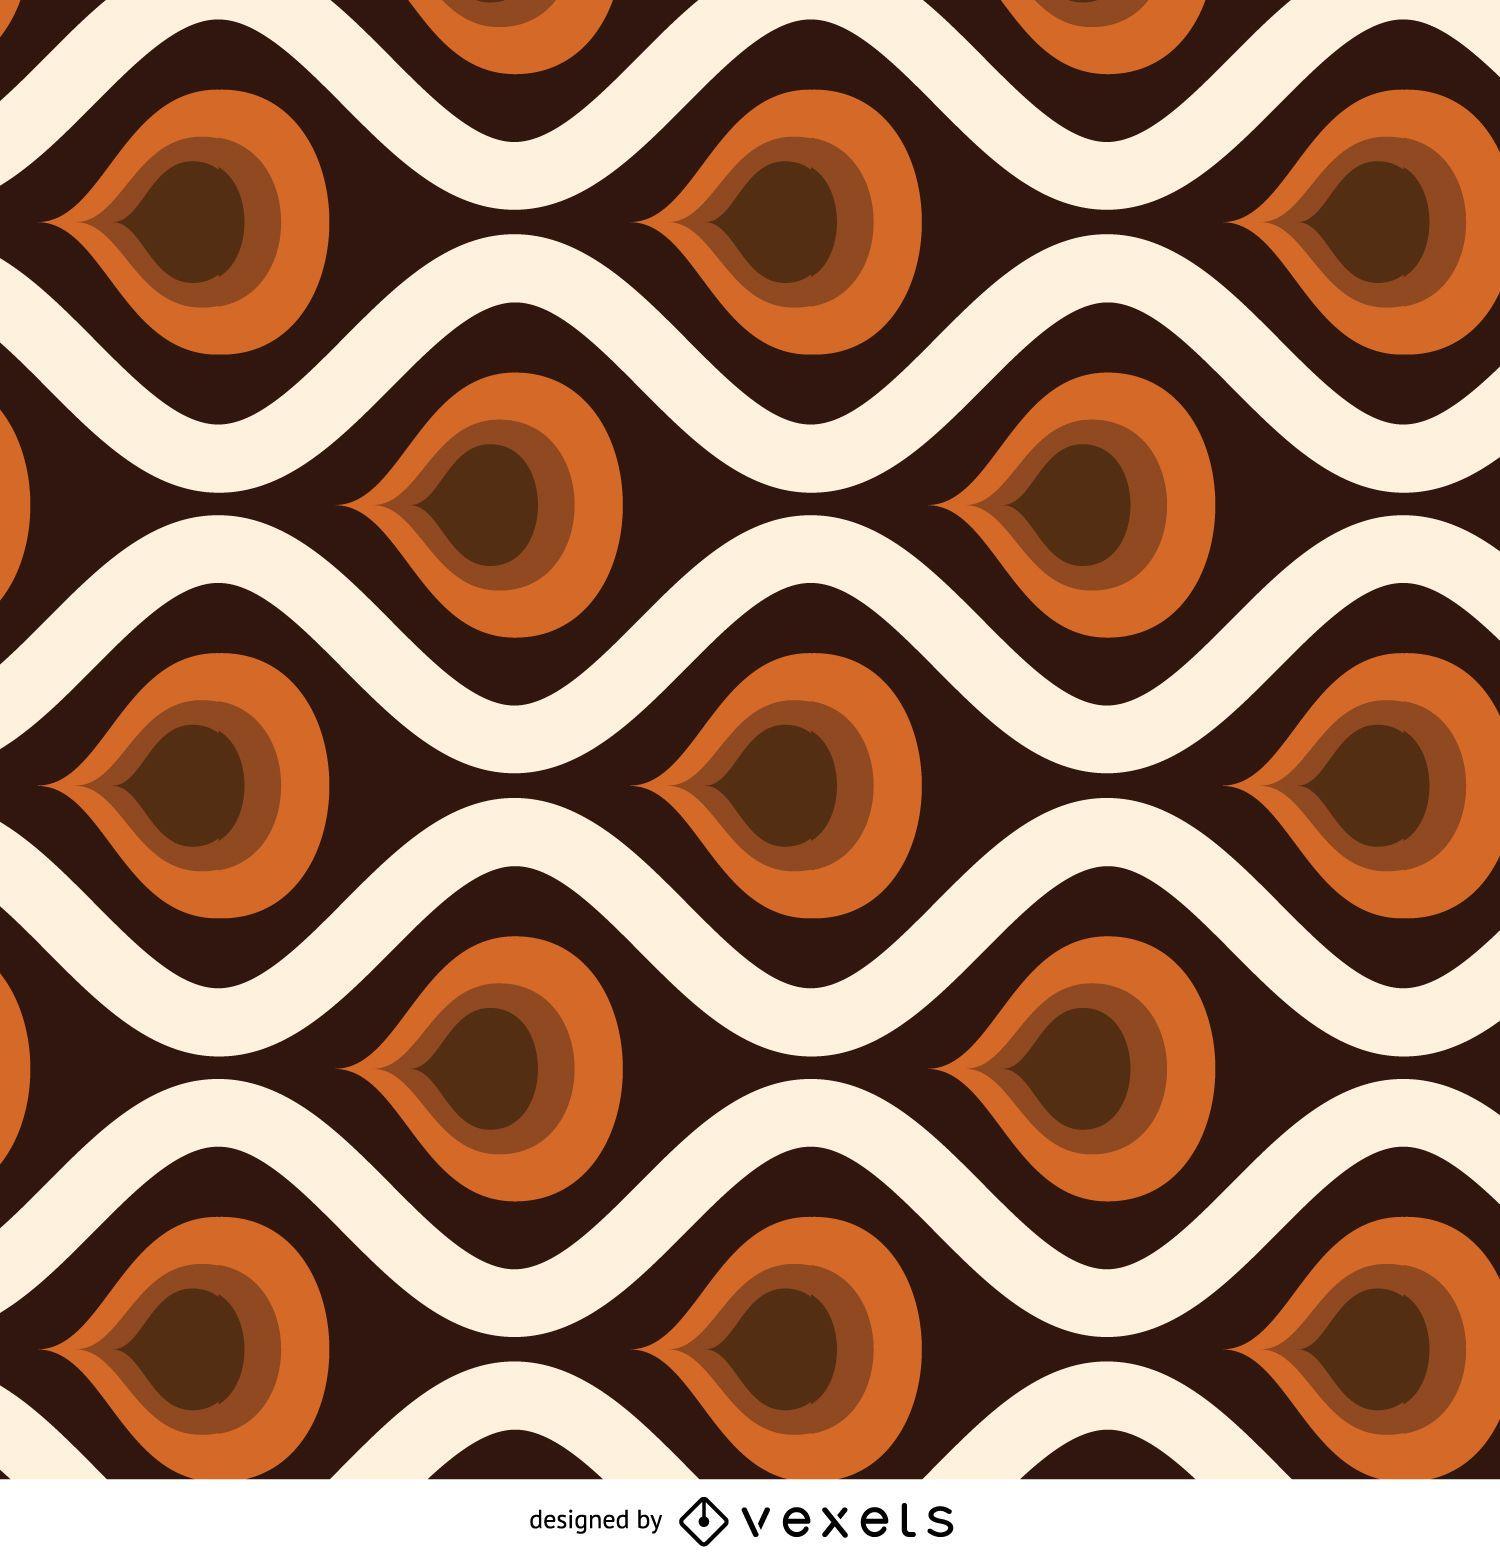 Patrón de mosaico abstracto retro